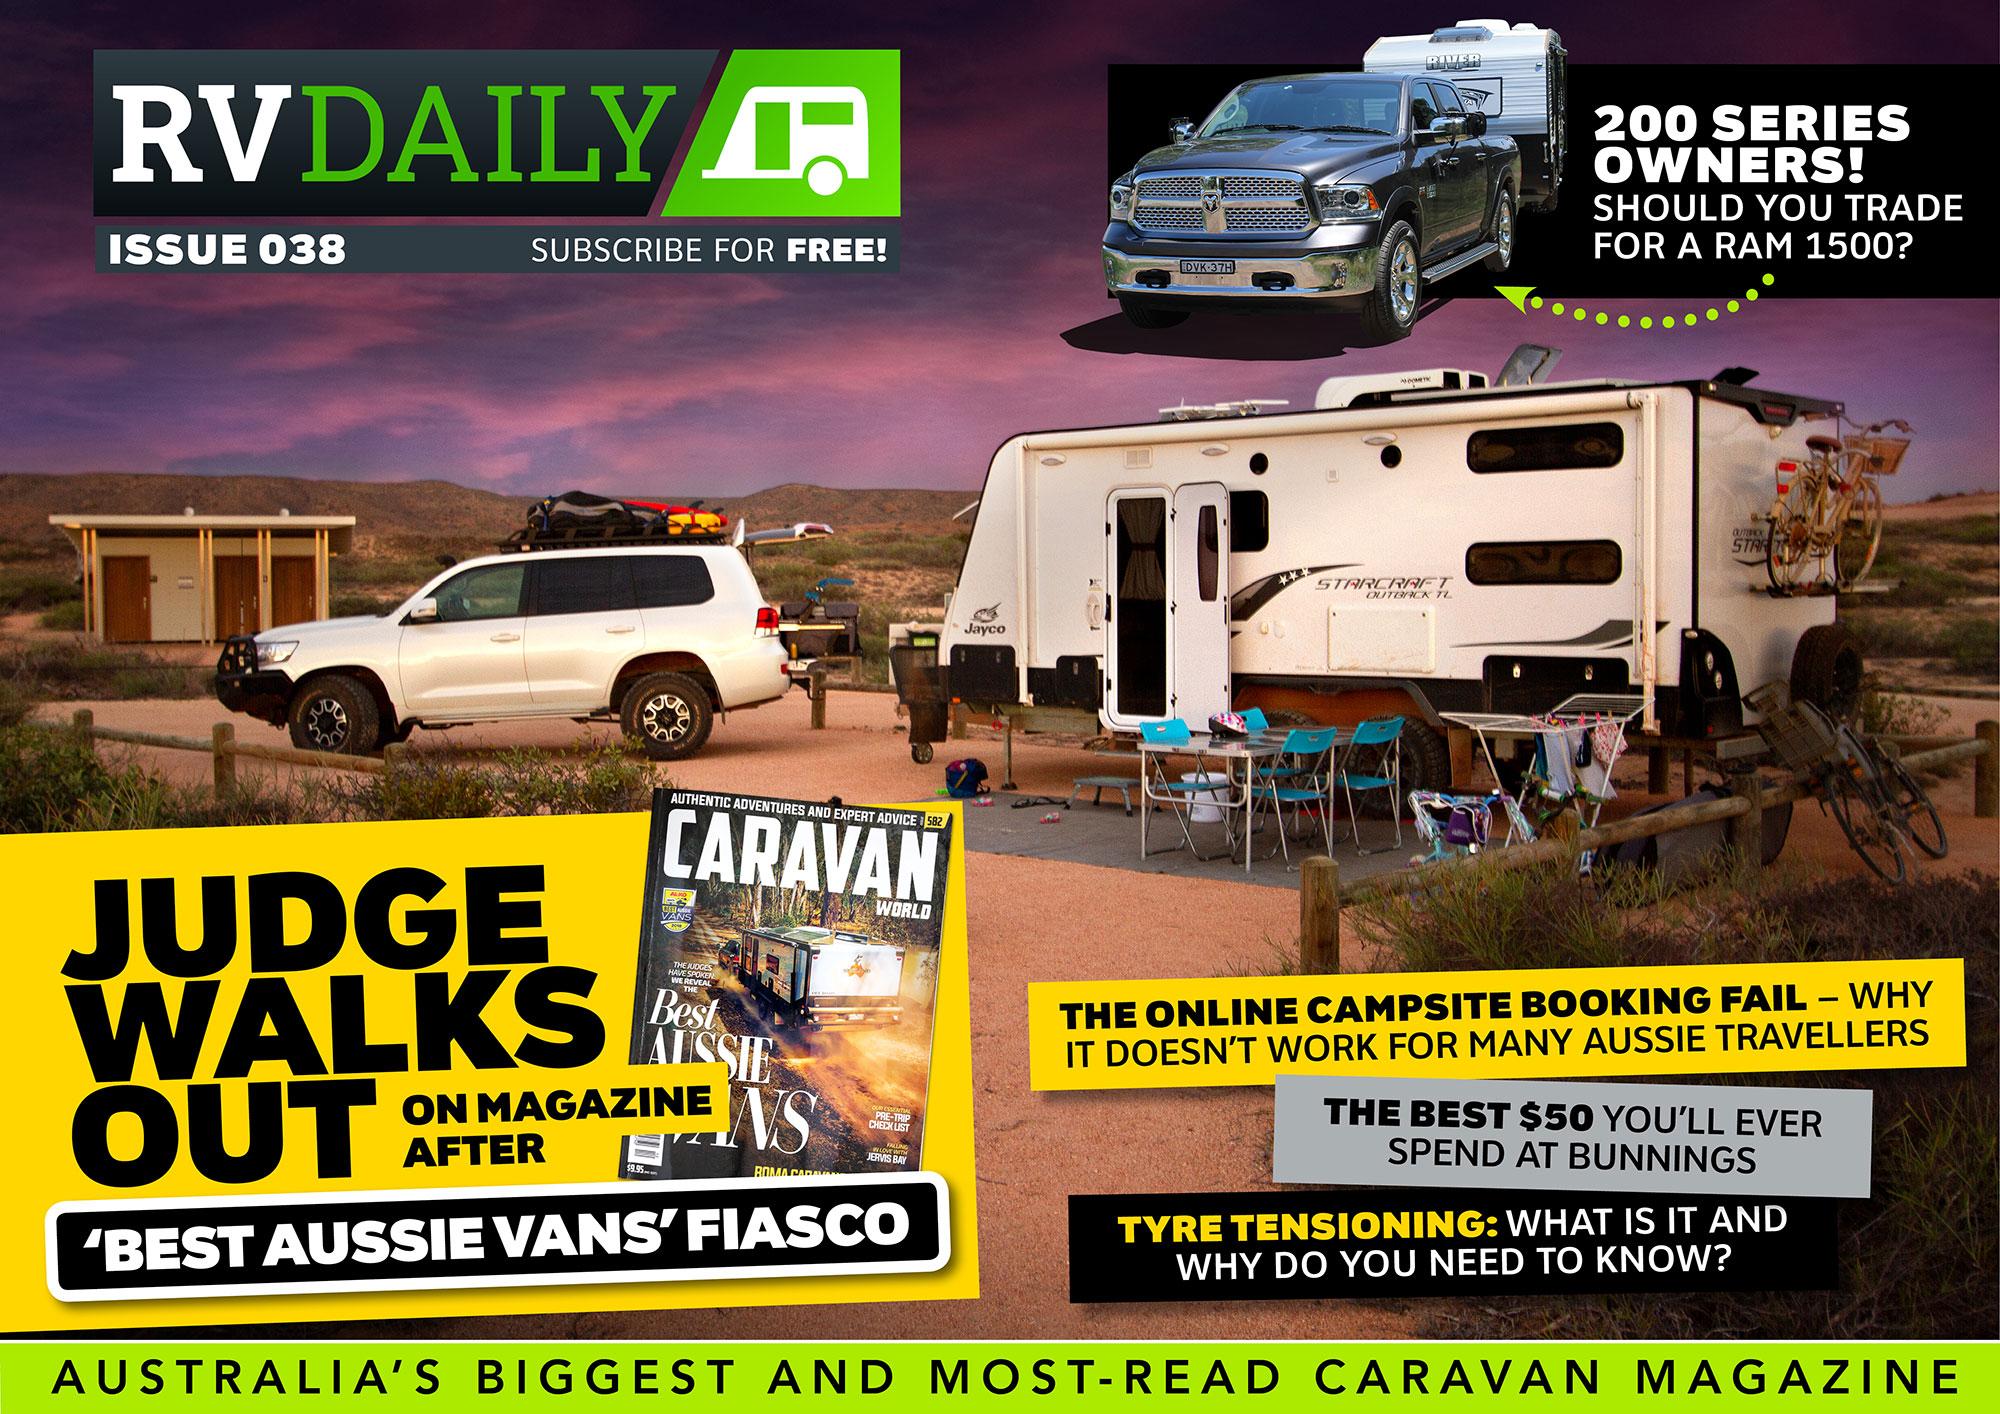 ISSUE 038 – Judge walks out on magazine after 'Best Aussie Vans' fiasco!